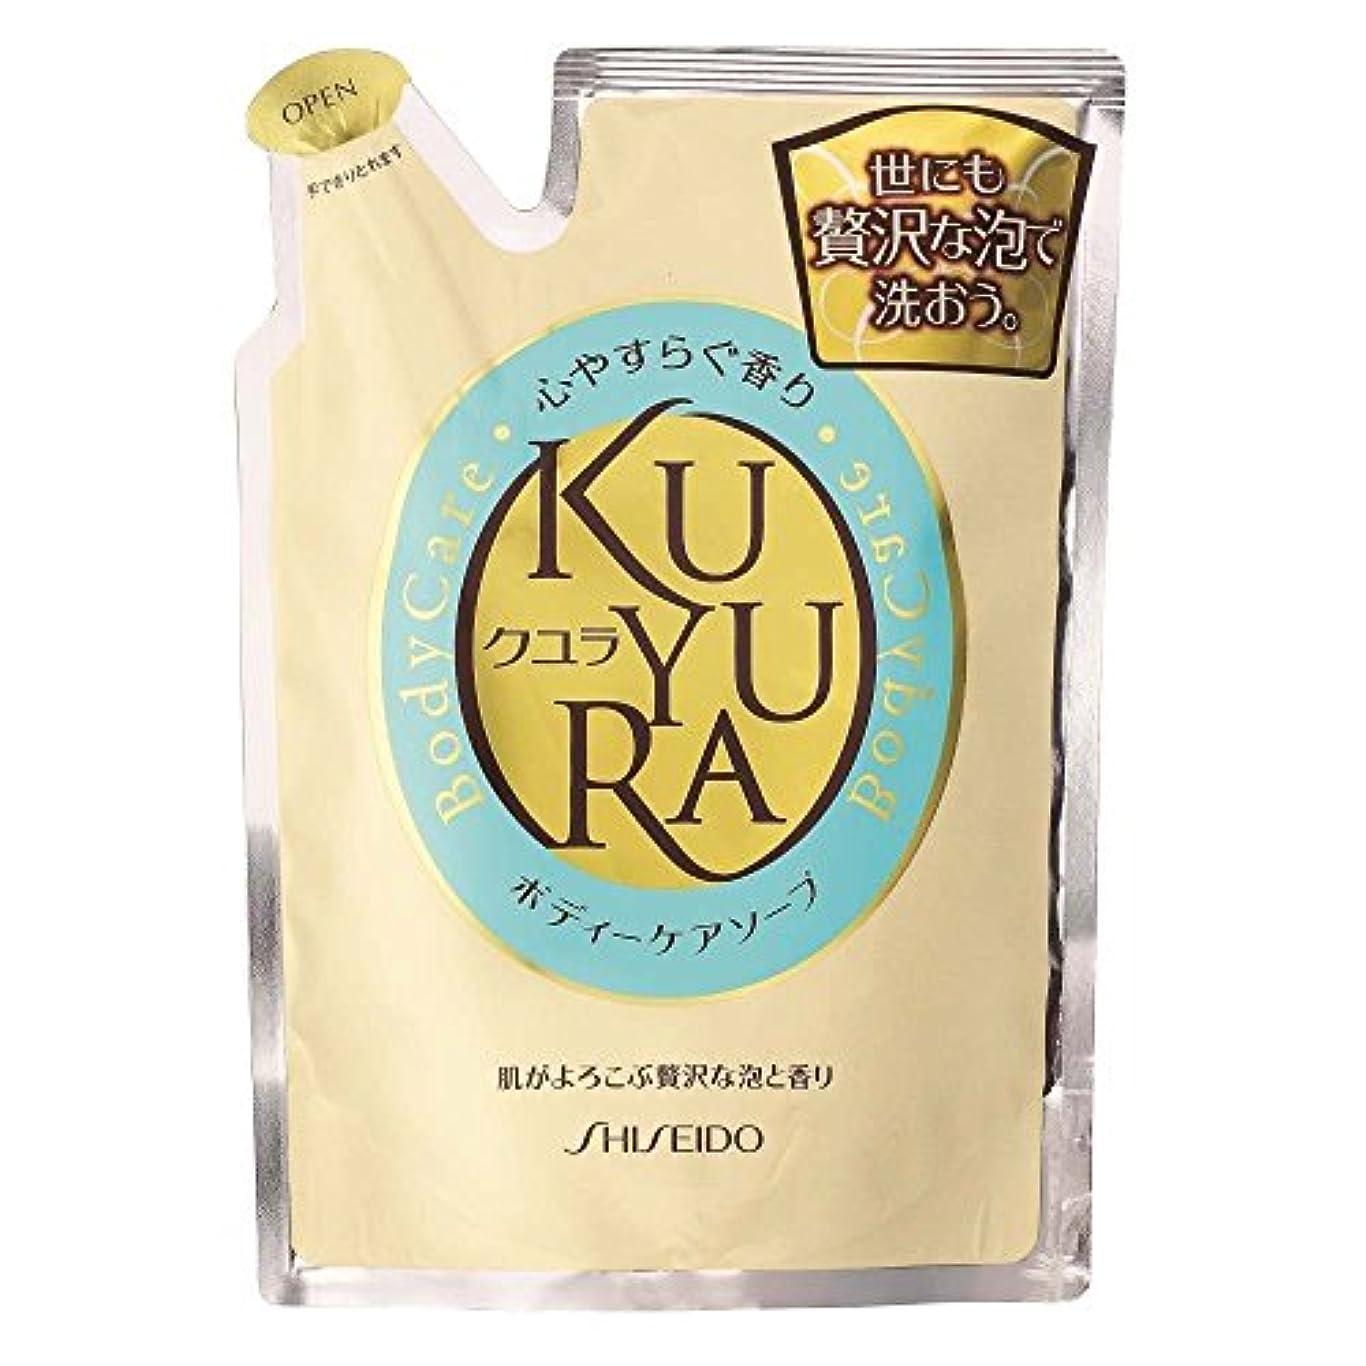 中央コーラス宗教クユラ ボディケアソープ 心やすらぐ香り つめかえ用400ml